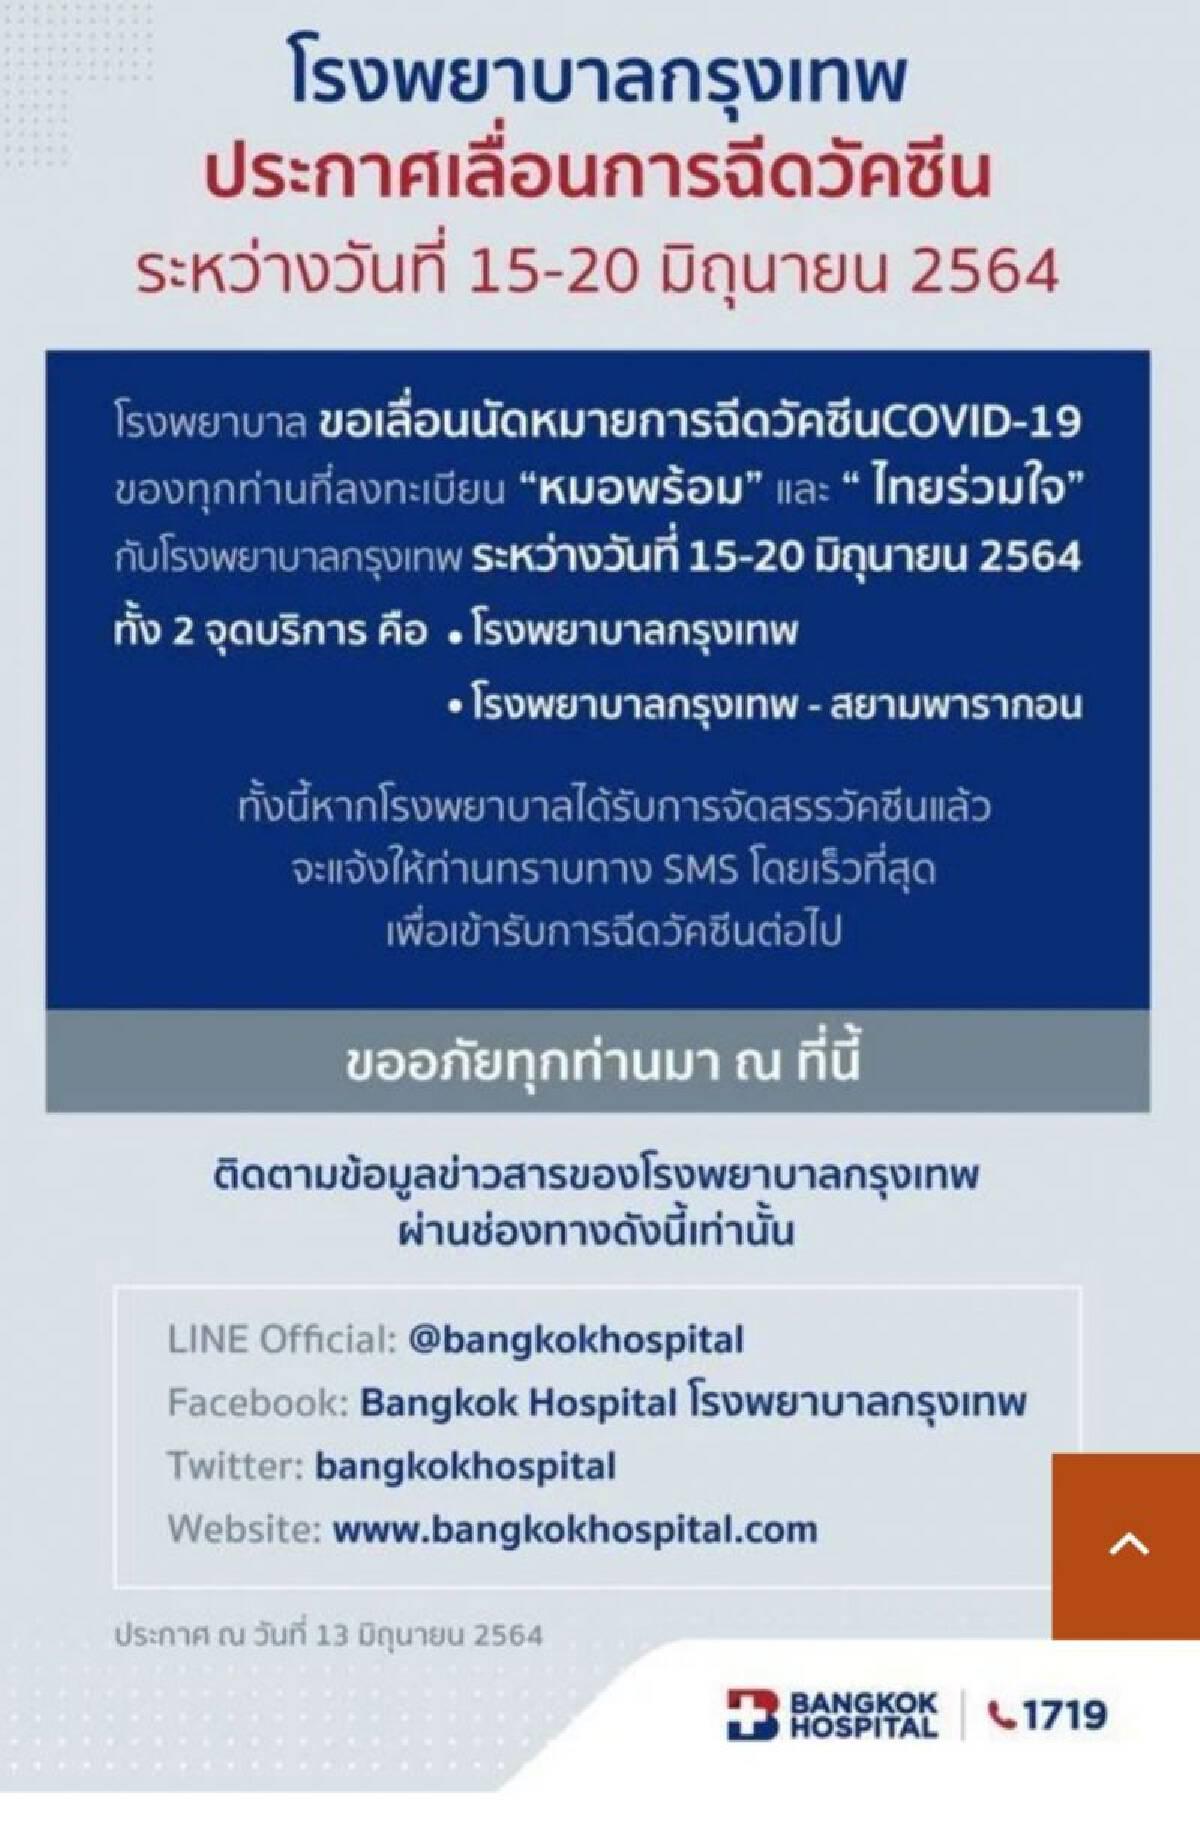 เช็กด่วน! โรงพยาบาลไหน เลื่อนฉีดวัคซีนโควิดวันที่14-20มิ.ย.64